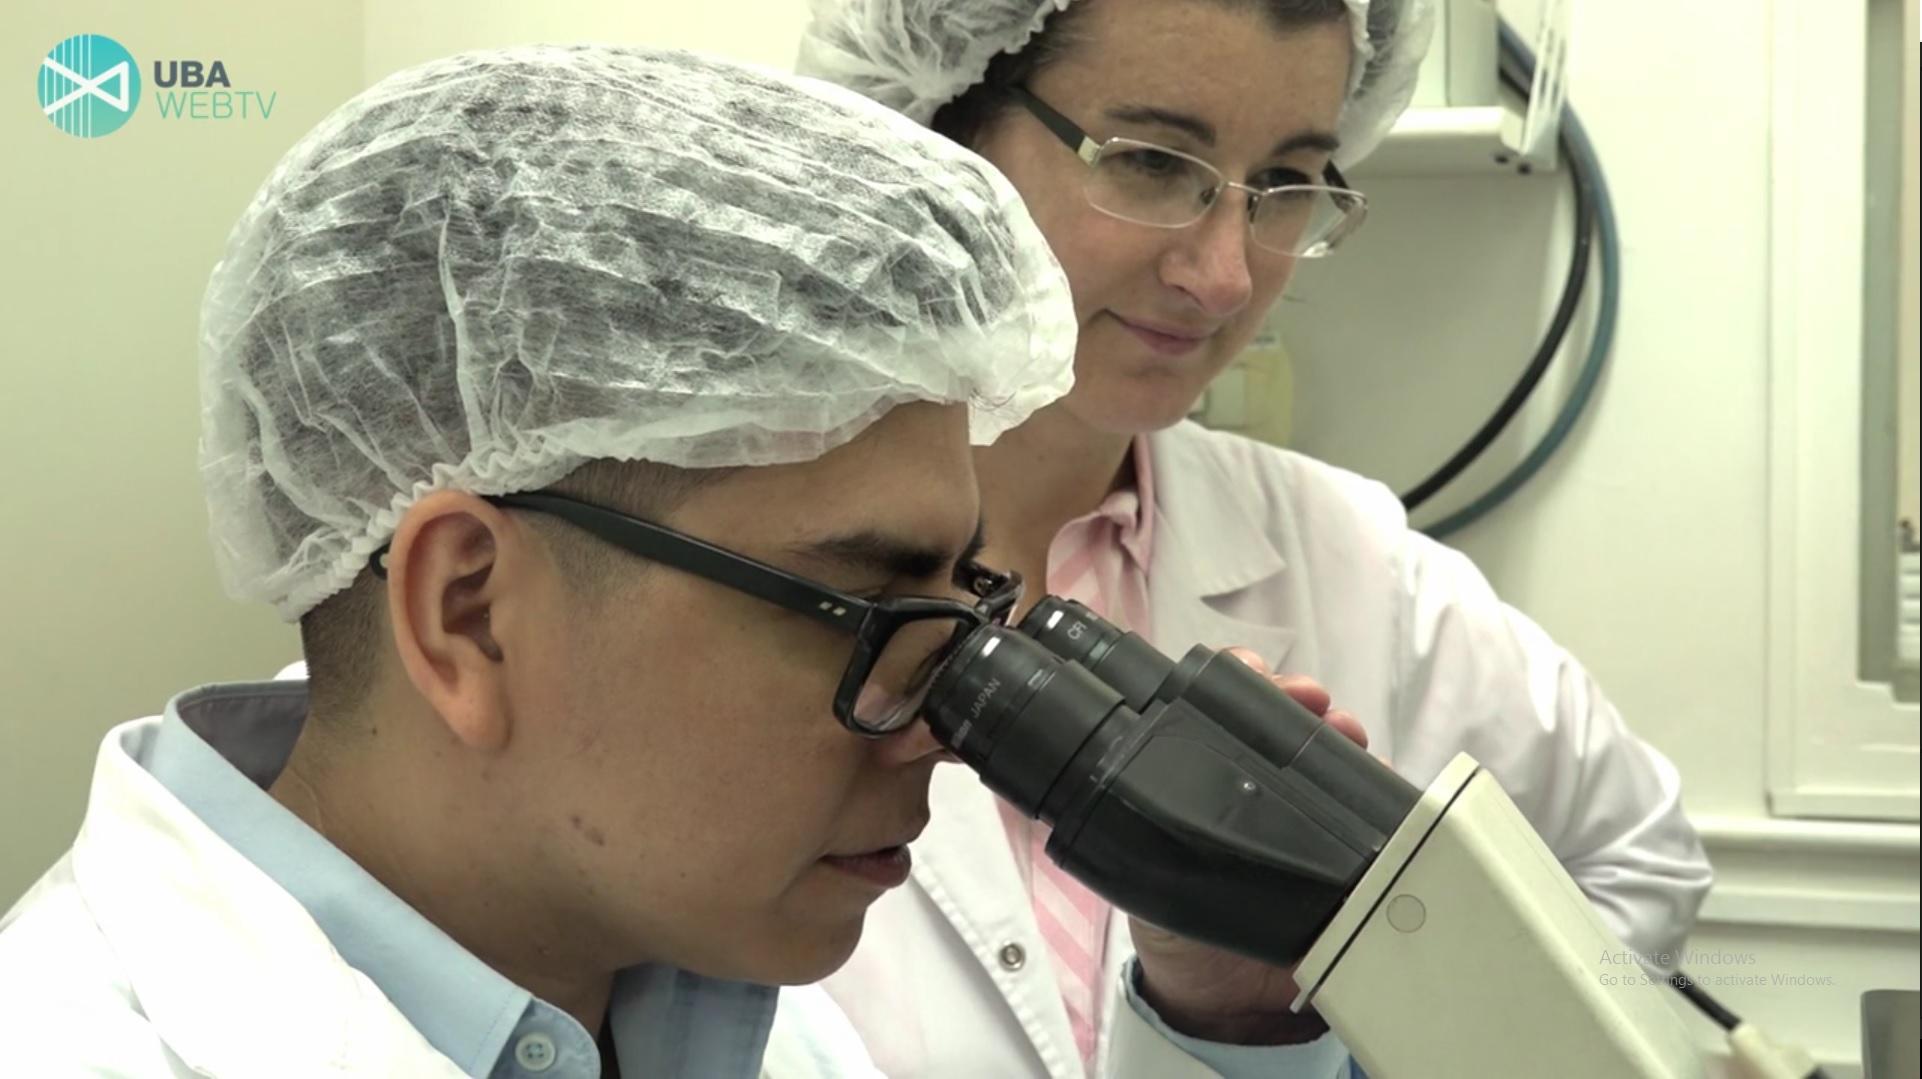 POSGRADOS Farmacia y Bioquímica: Especialización en Biotecnología Bioquímica y Farmacéutica.